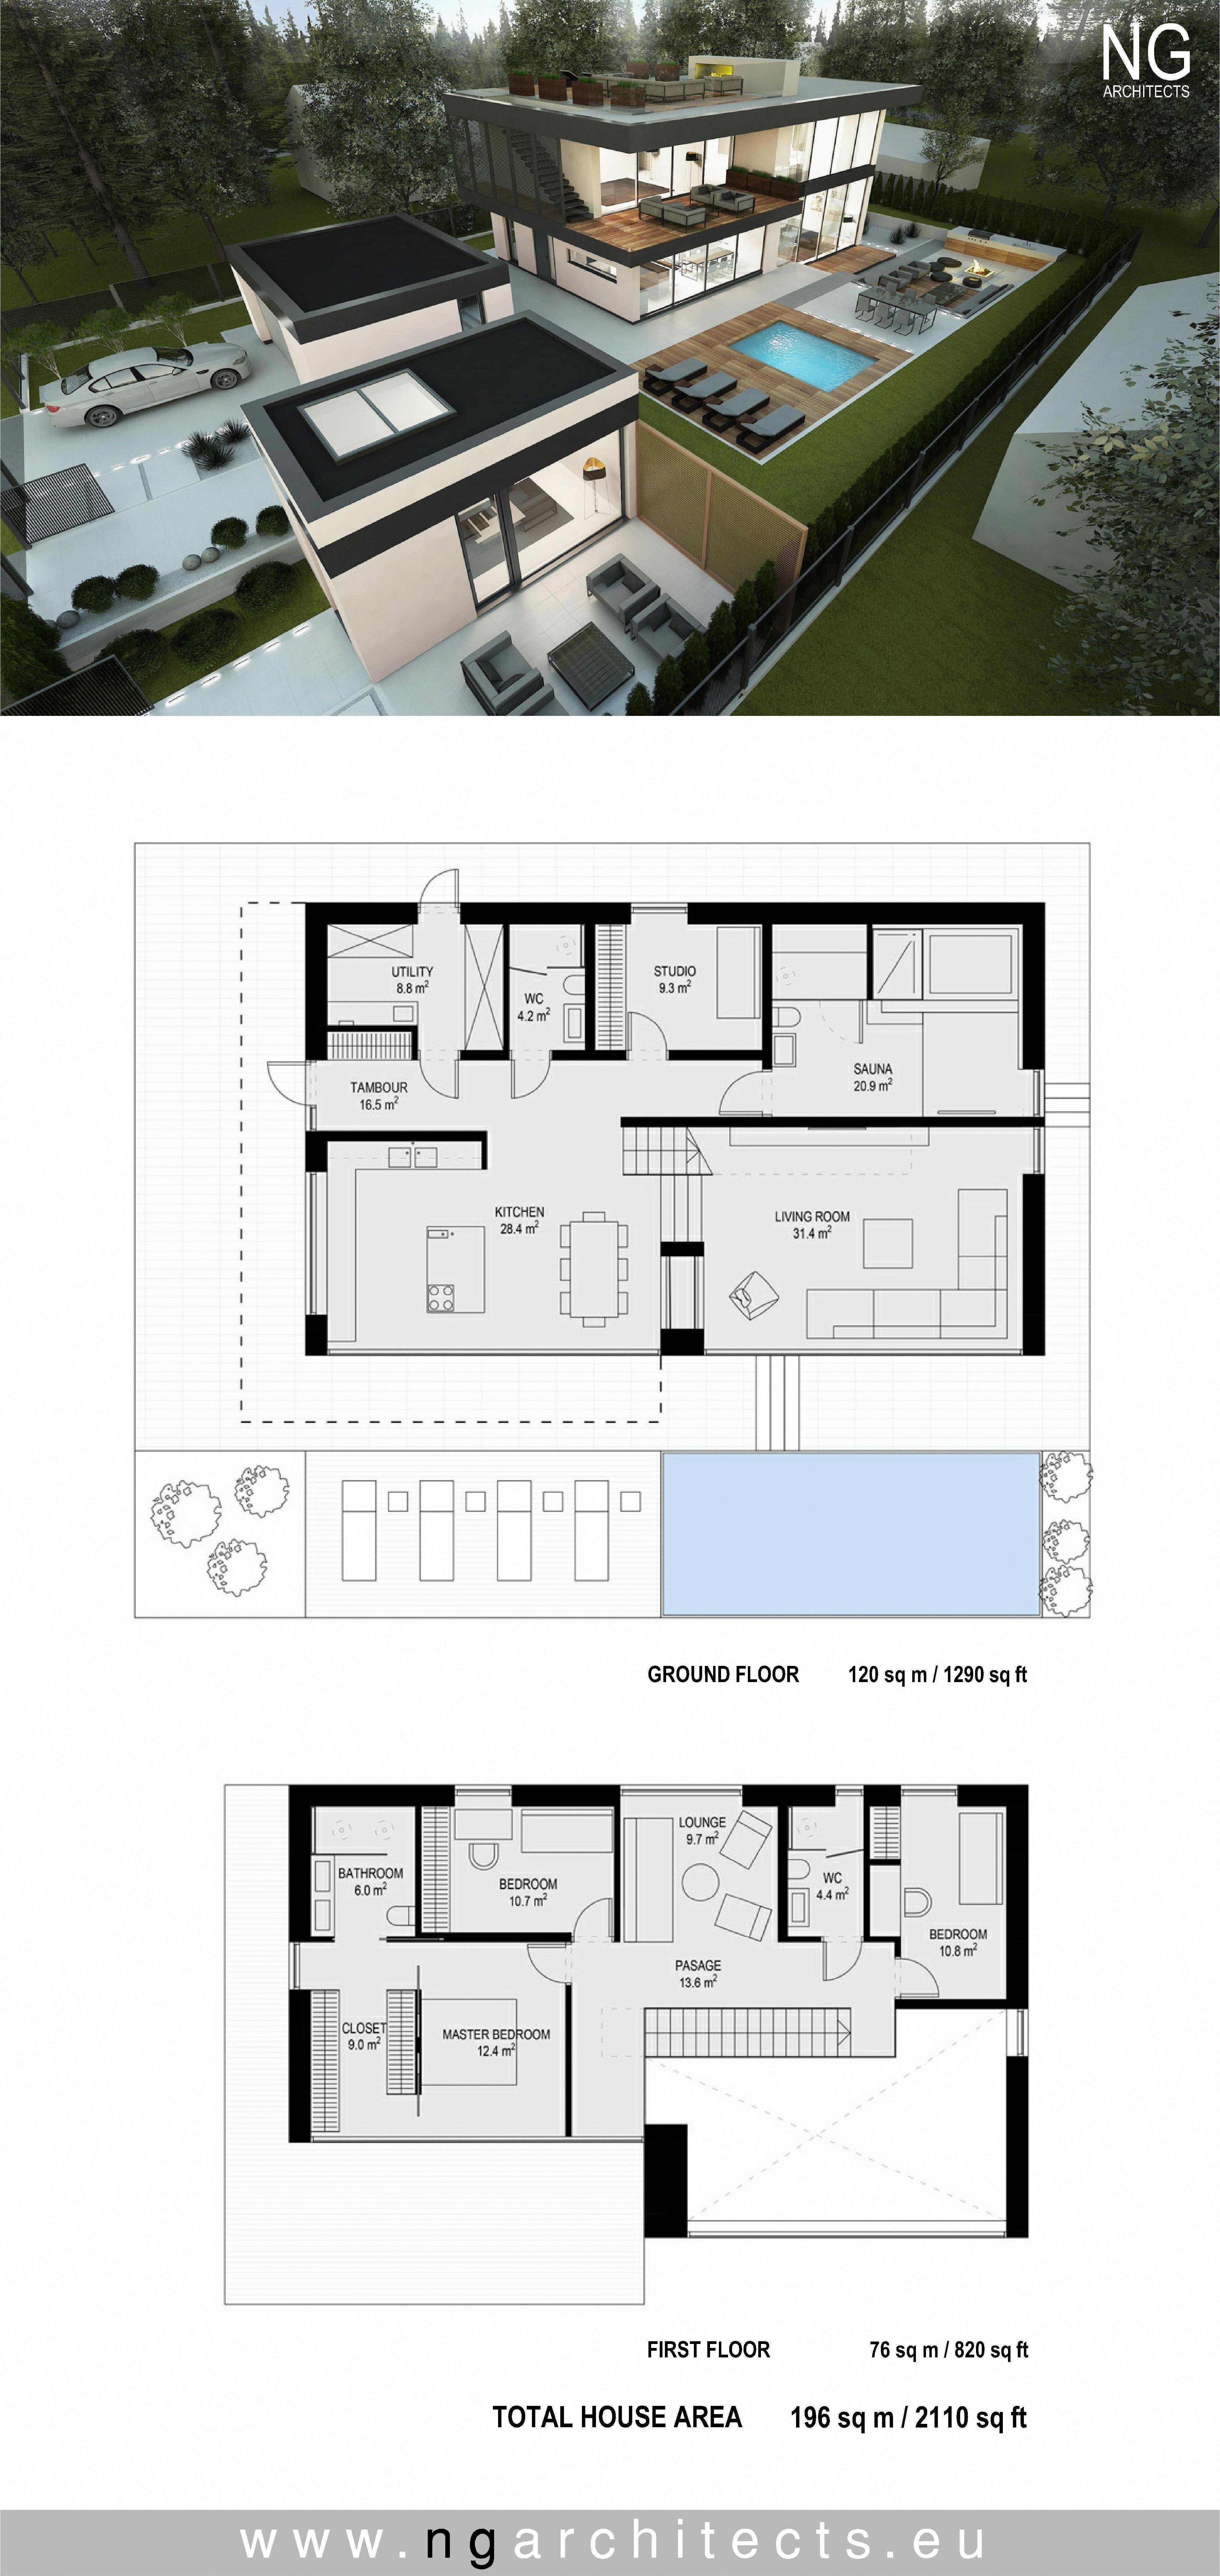 Favorite Unique Home Accessories Canada Luxurylivingroom Building Plans House Architecture Plan Modern House Plans